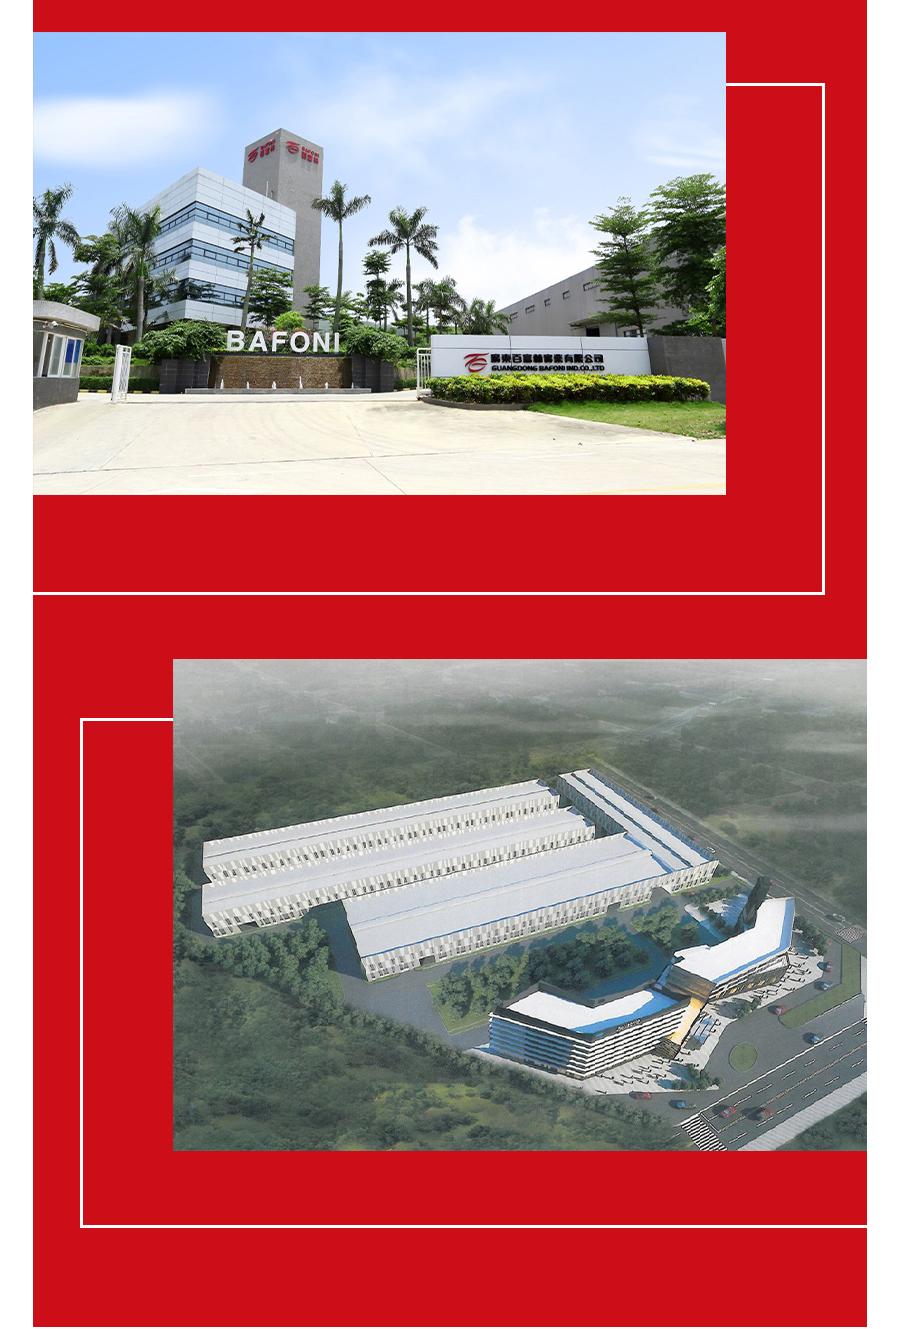 百富林工厂 BAFONI FACTORY